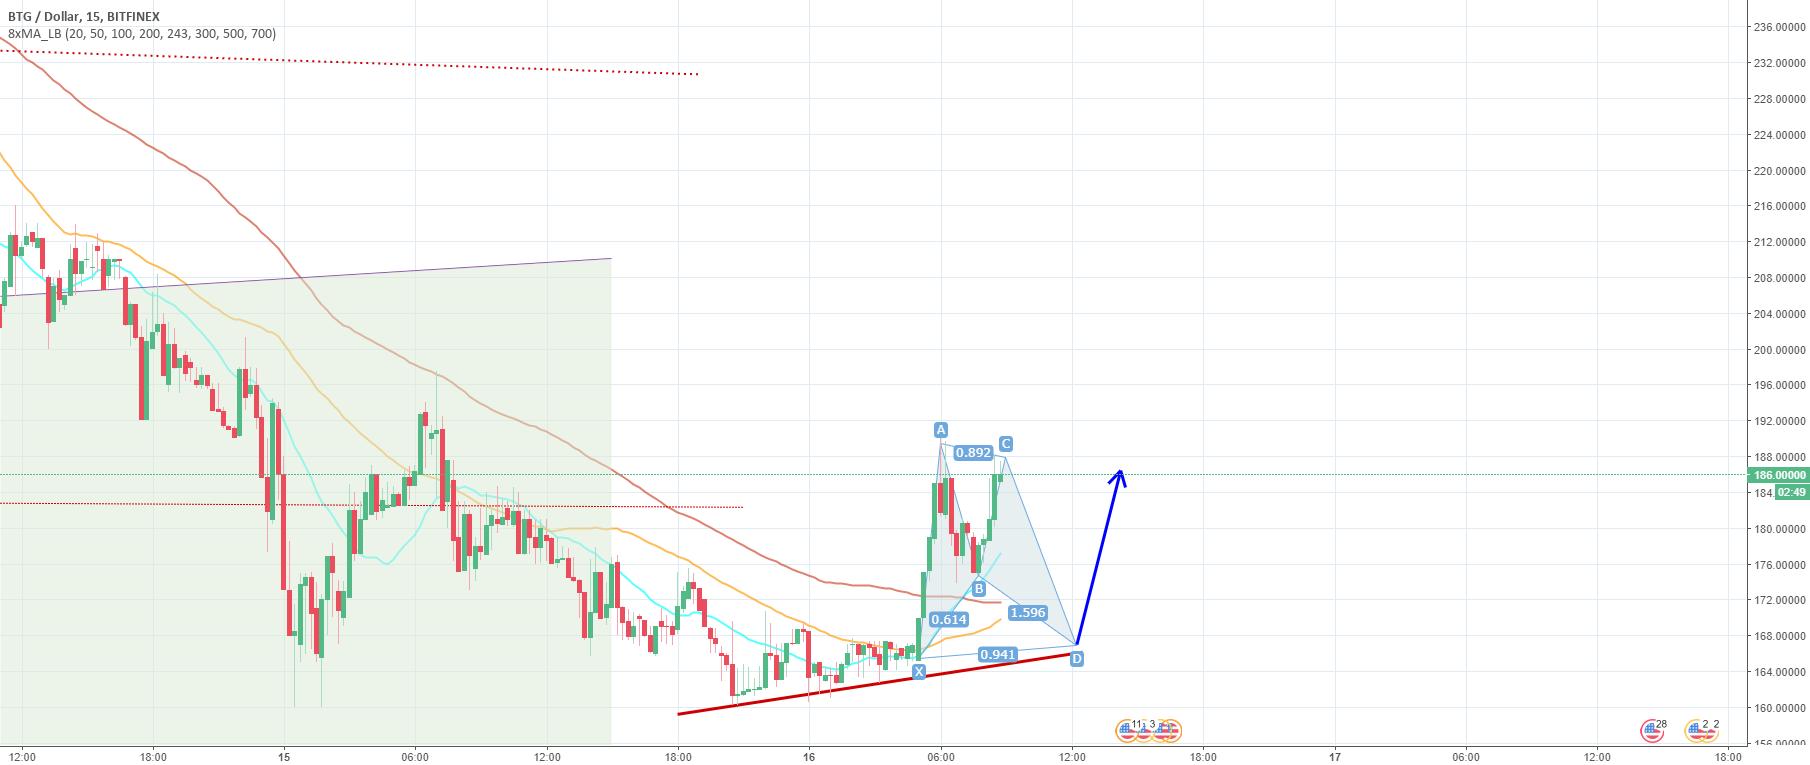 BTG/USD Possible Scenario - Bullish Bat